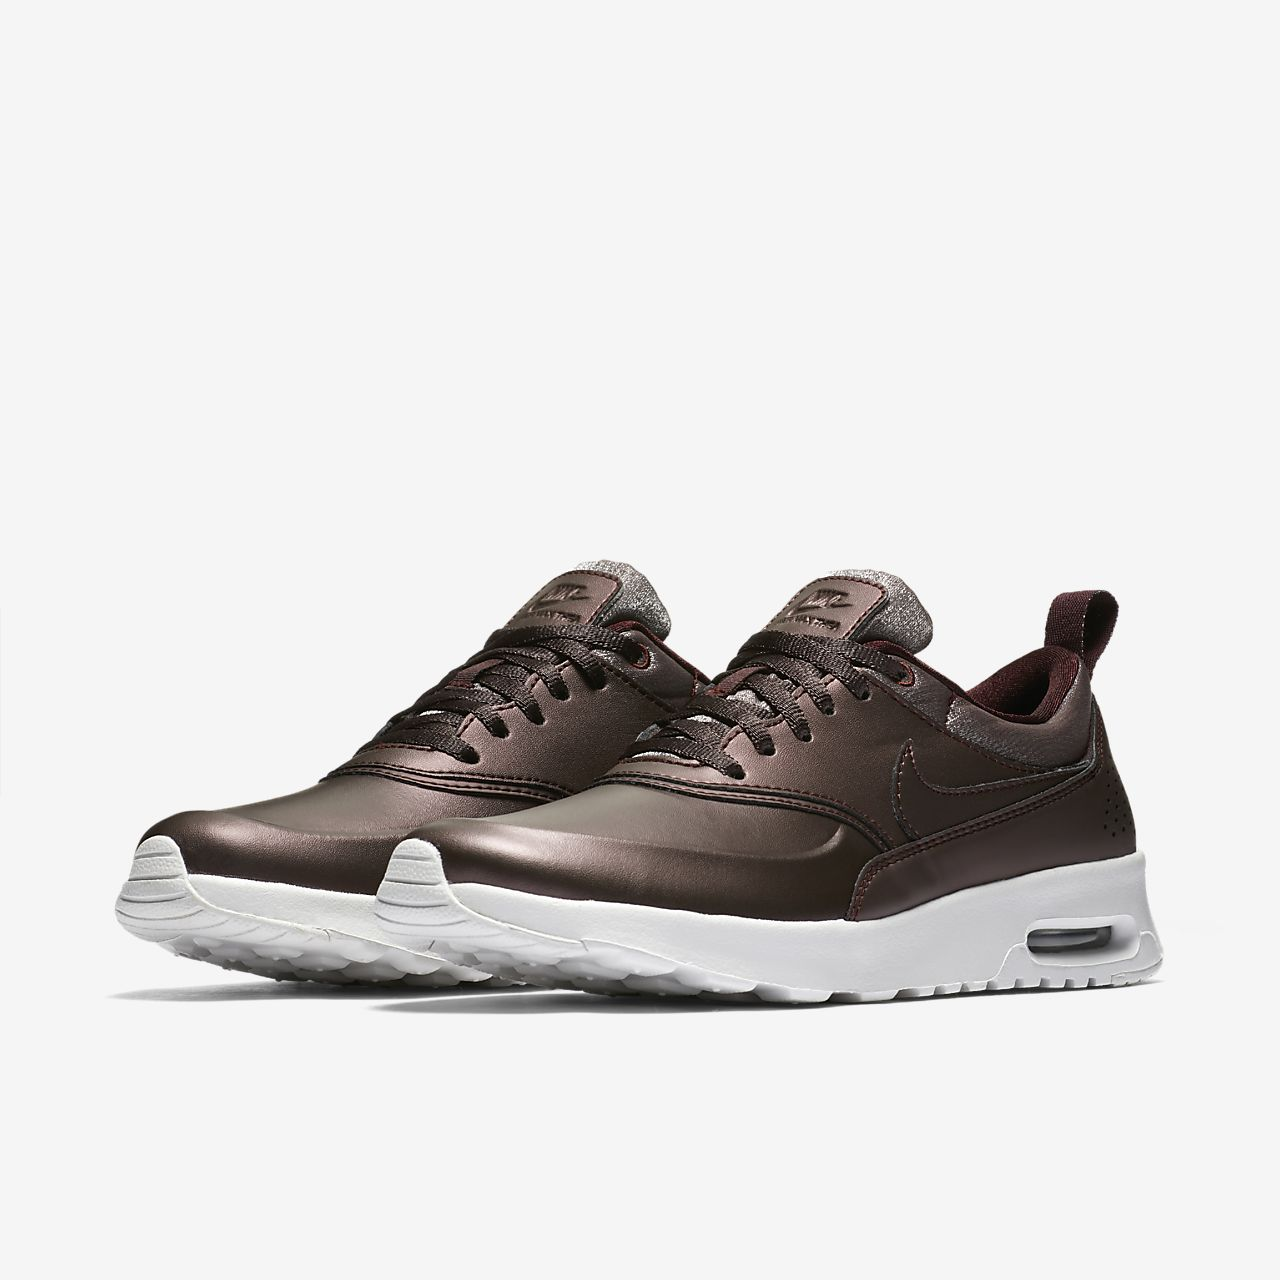 ... Chaussure Nike Air Max Thea Premium pour Femme